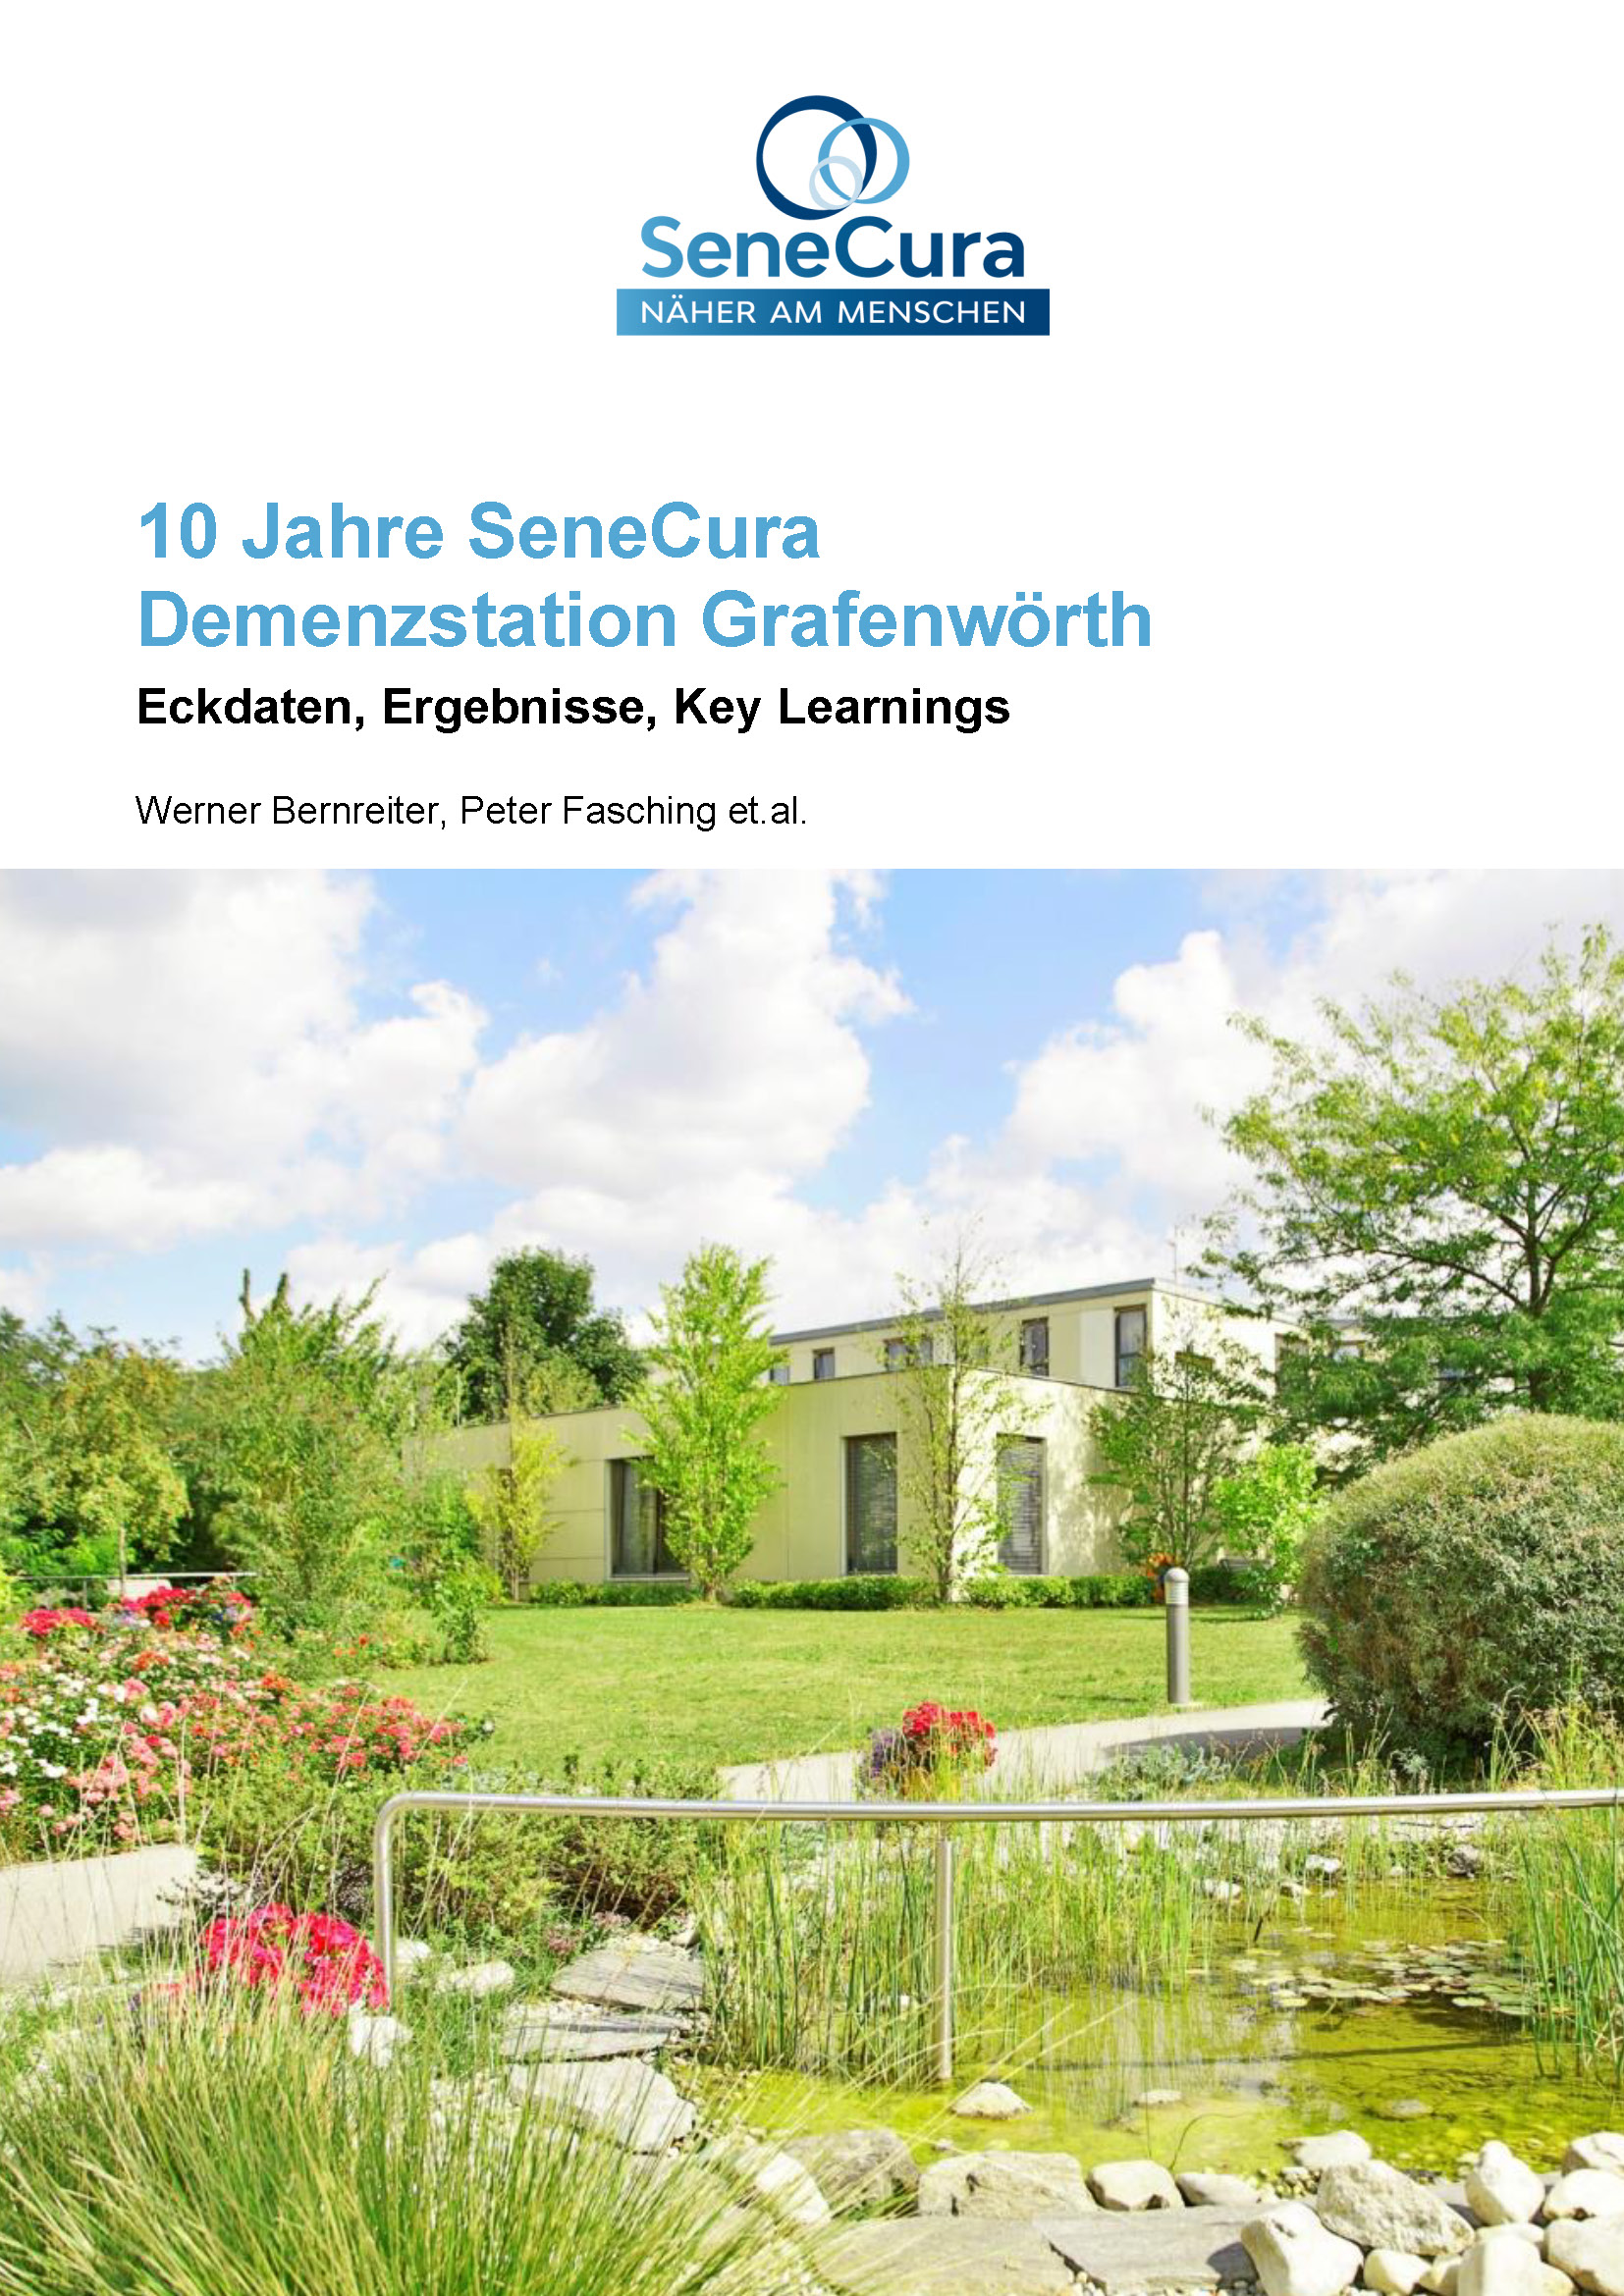 10 Jahre SeneCura Demenzstation Grafenwörth_Seite_001